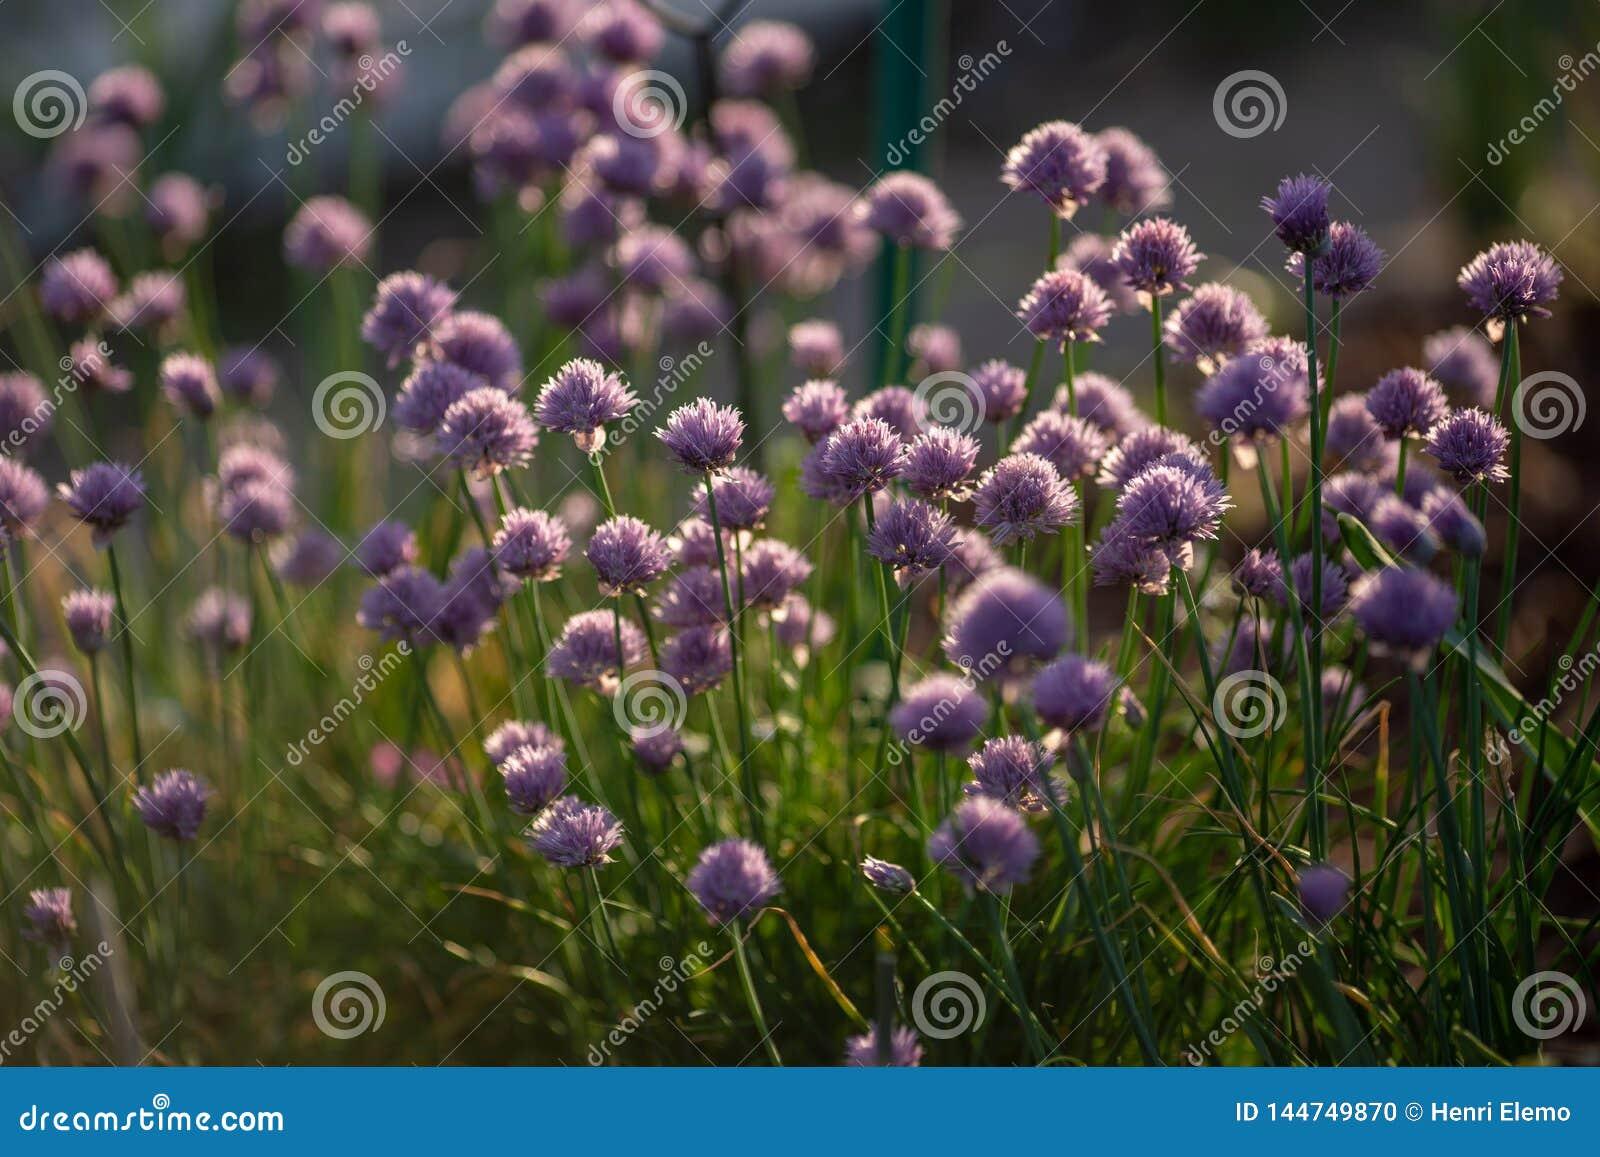 Gräslökar med blommor som fångas i natur in mot solnedgång med kontrast och litet grunt av djup